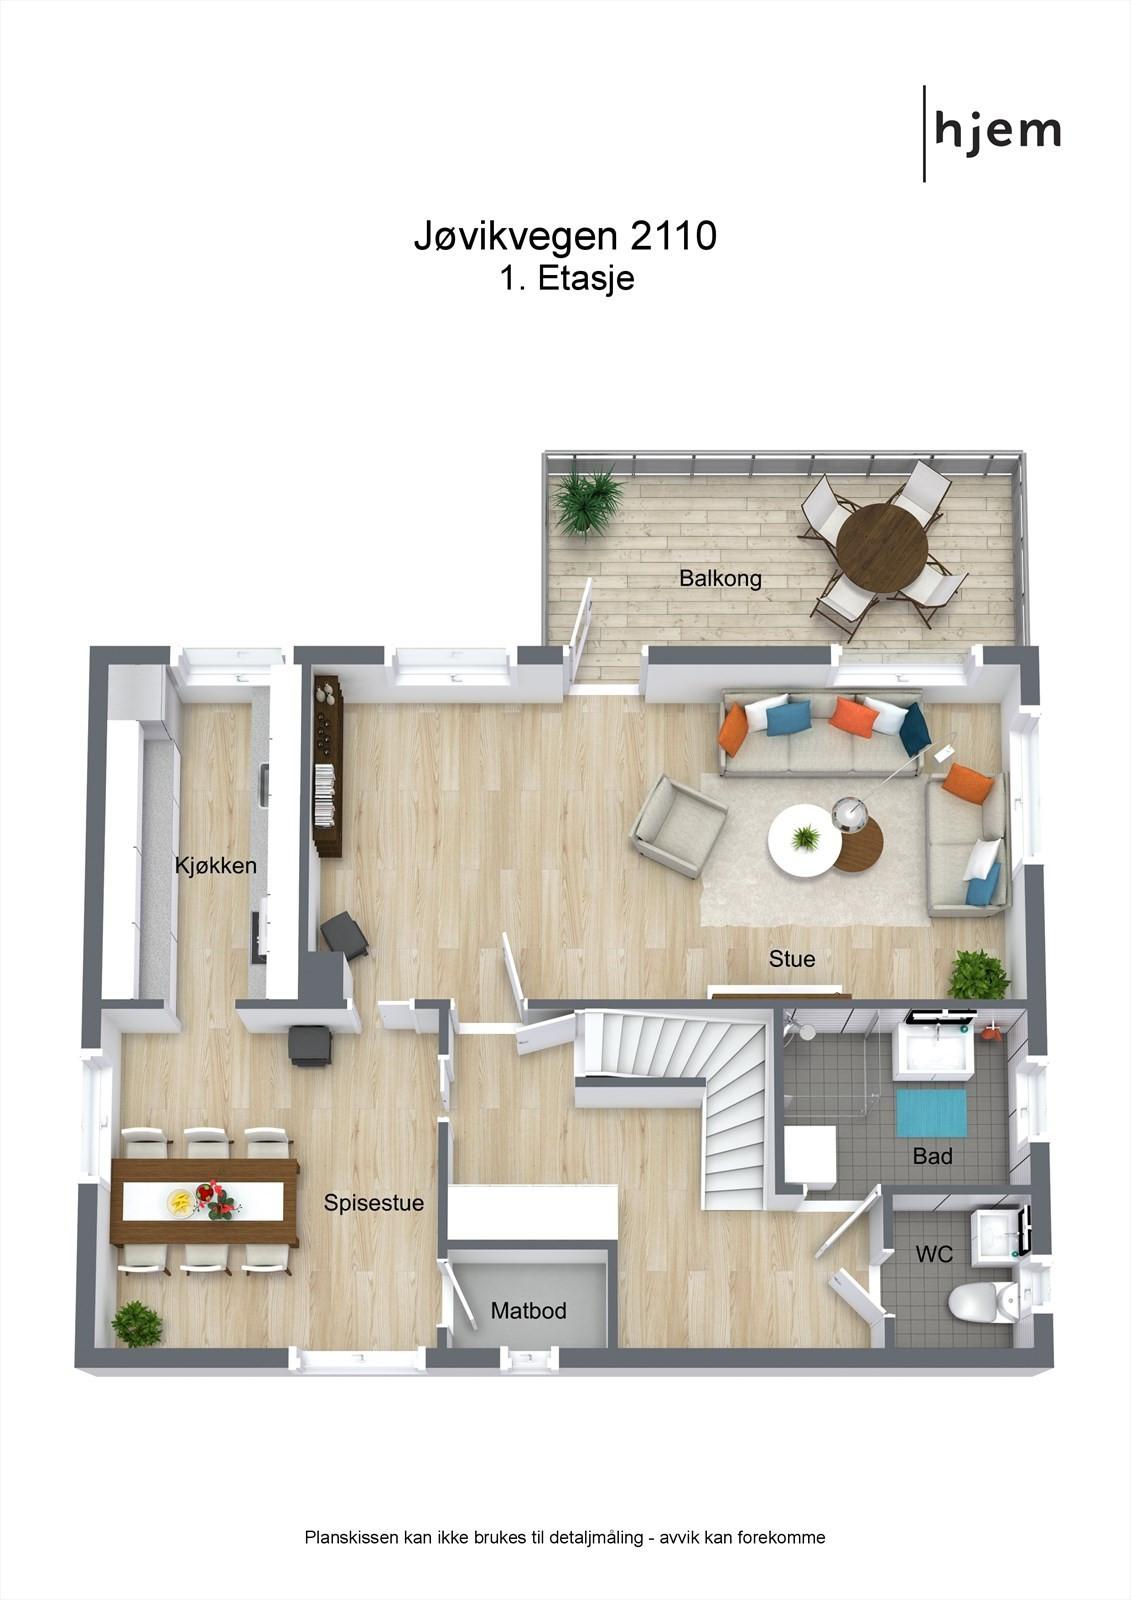 Floorplan letterhead - Jøvikvegen 2110 - 1. Etasje - 3D Floor Plan